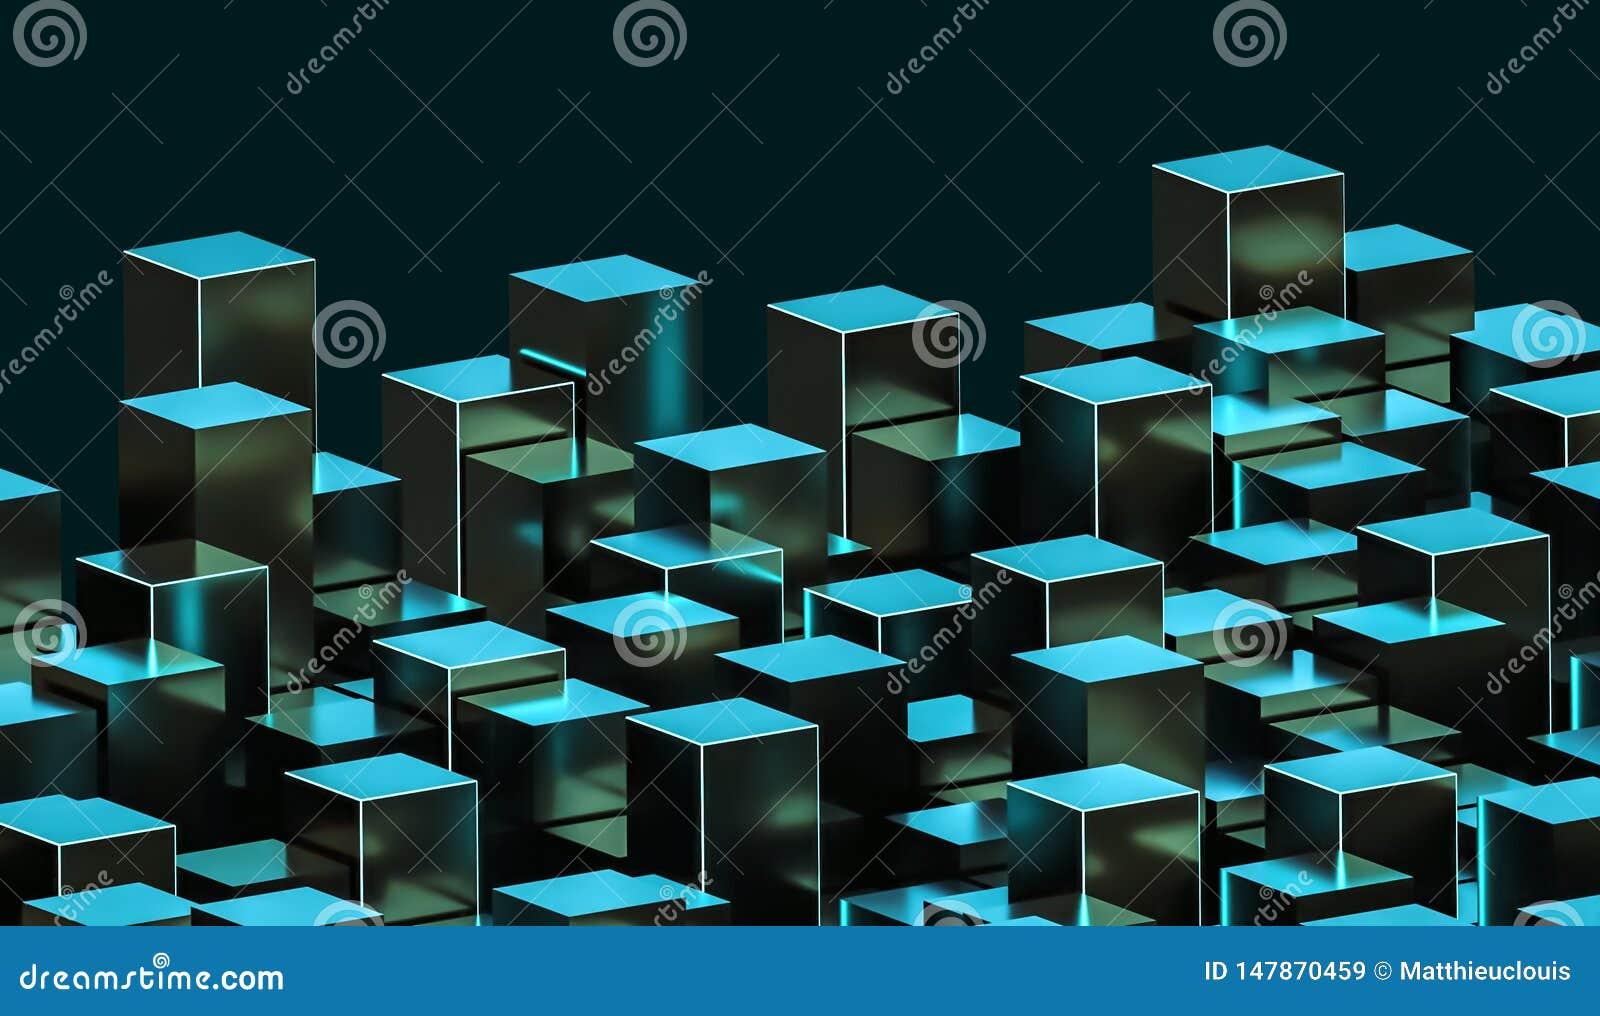 Futuristische abstrakte grüne und cyan-blaue metallische glühende Cuboidsillustration Bau, Stadt, Architektur, Datenkonzepte 3d